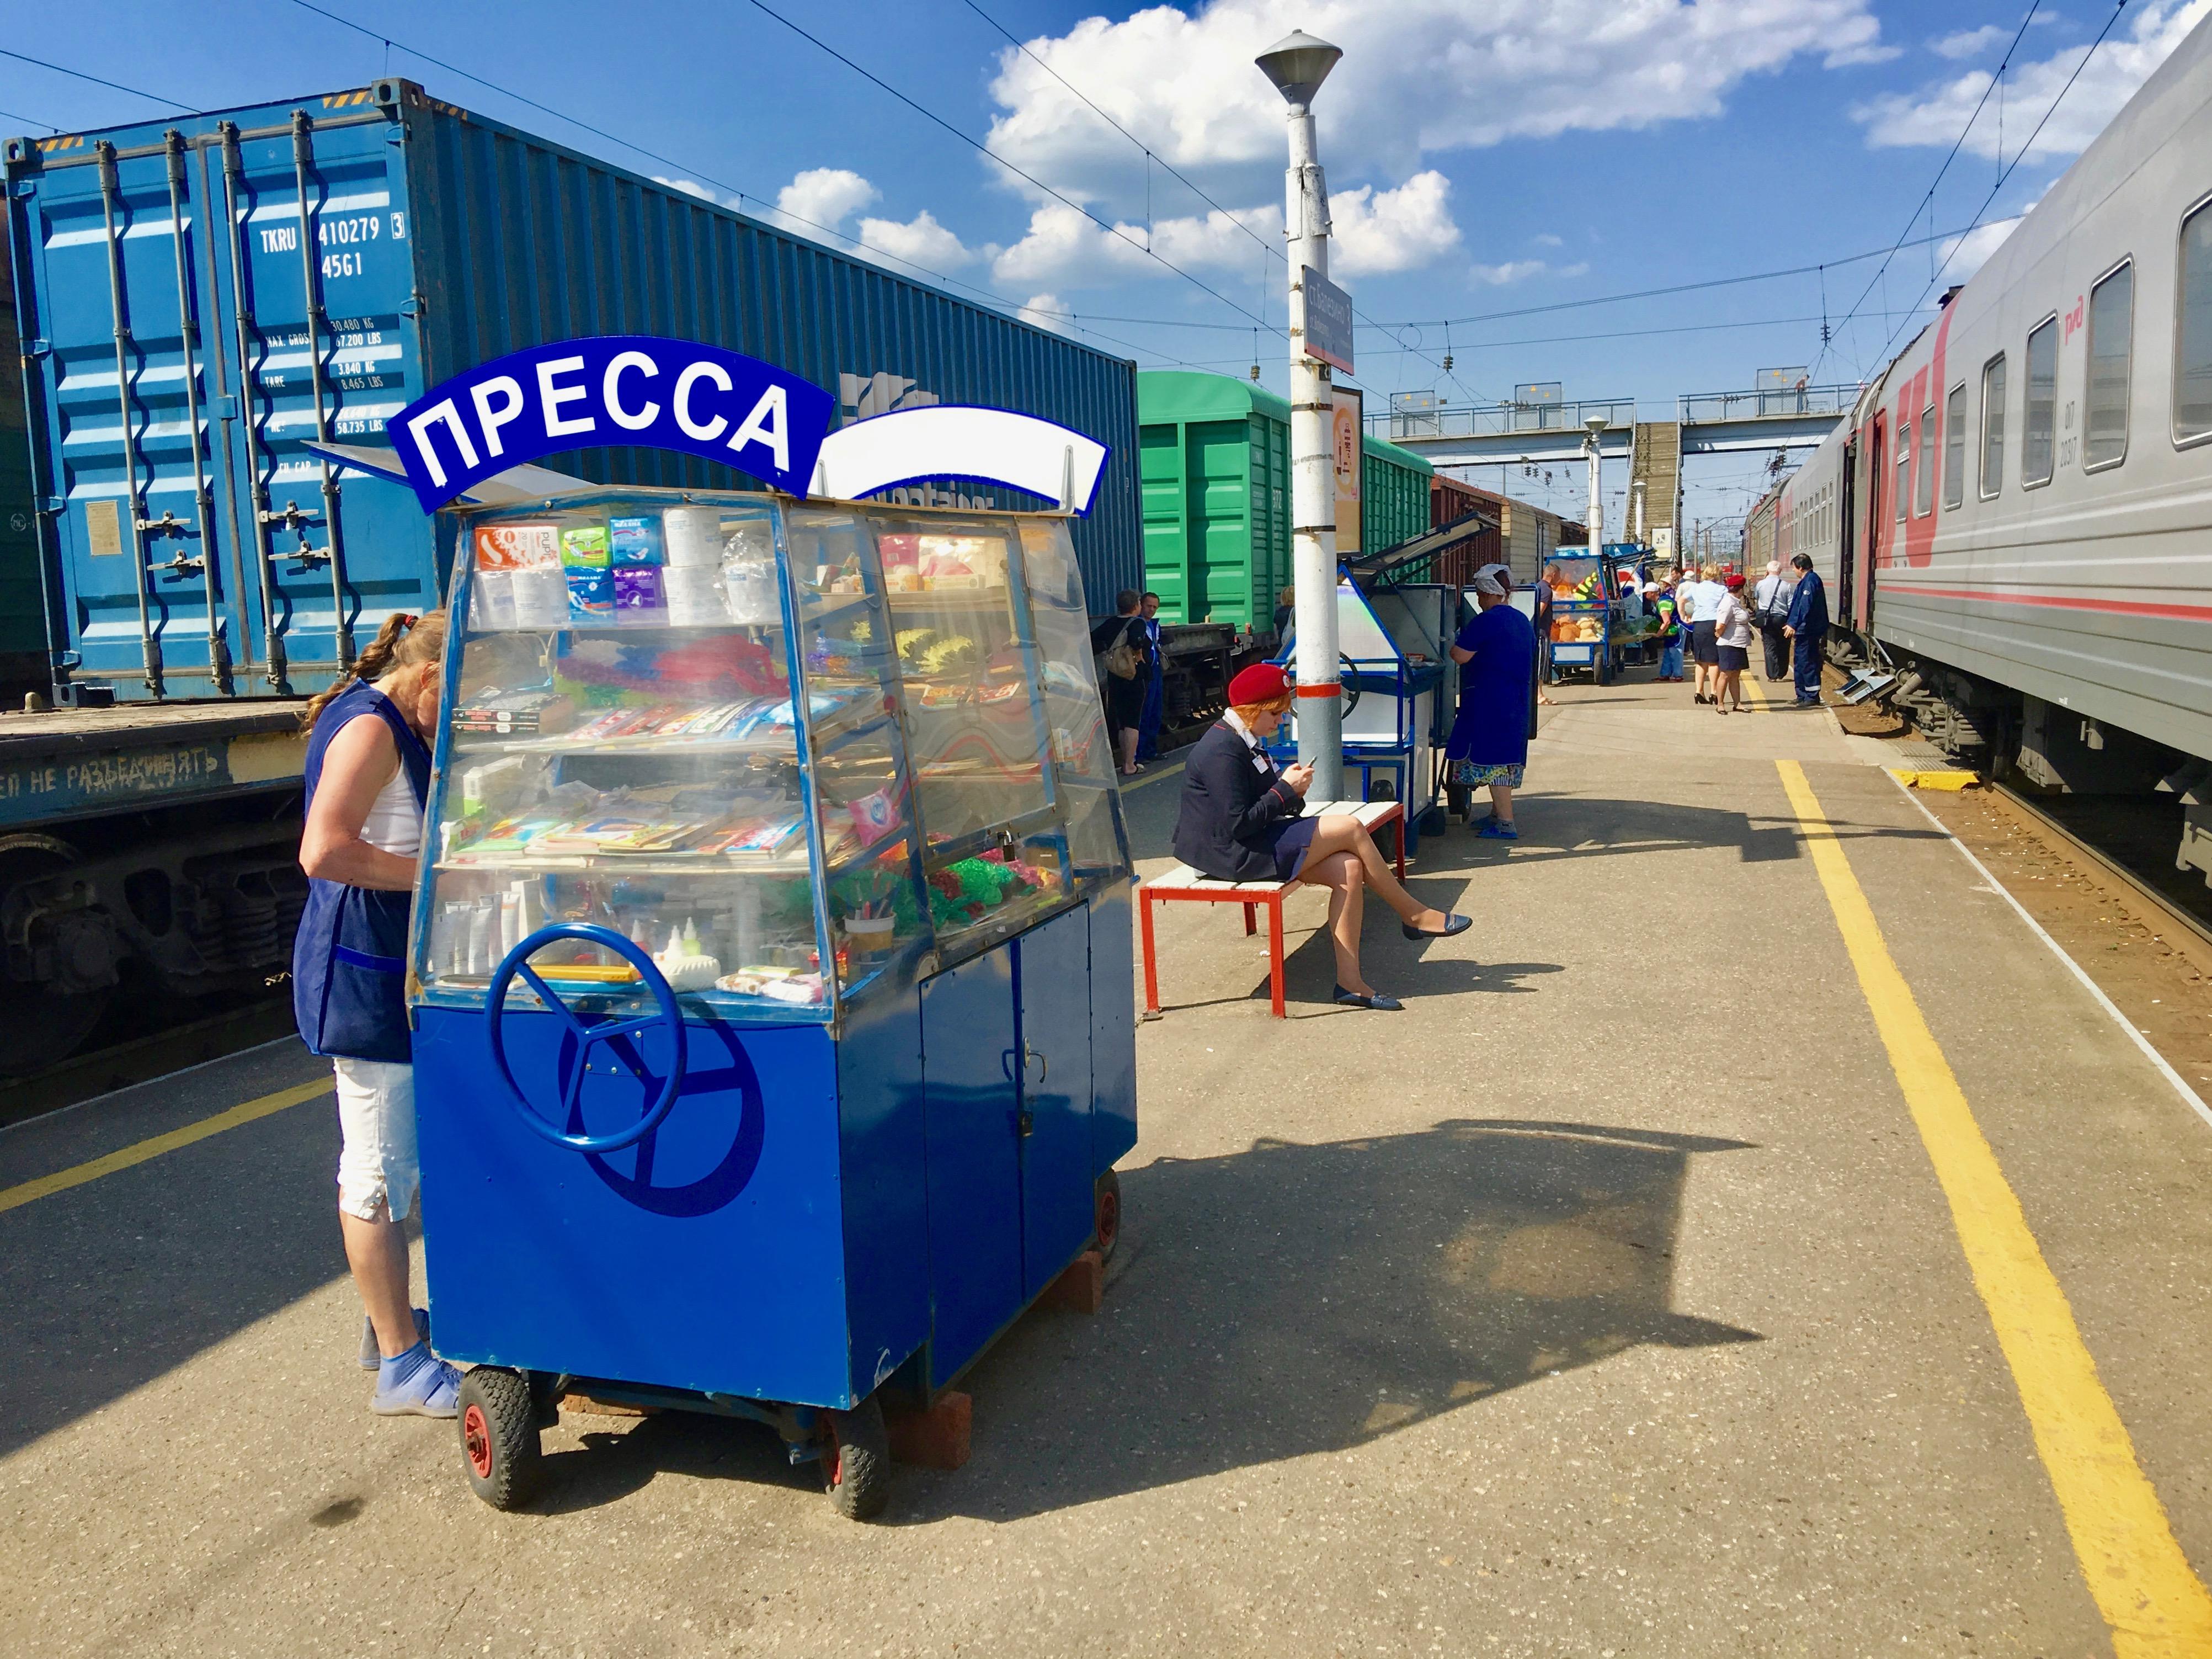 Les arrêts sont fréquents à bord du Transsibérien. De nouveaux voyageurs se joignent aux anciens qui profitent de ces pauses d'une vingtaine de minutes pour se dégourdir les jambes, fumer ou s'approvisionner. Des boutiques ambulantes attendent les voyageurs sur le quai et vendent nourriture, produits hygiéniques, et parfois même des peluches ou des jouets.